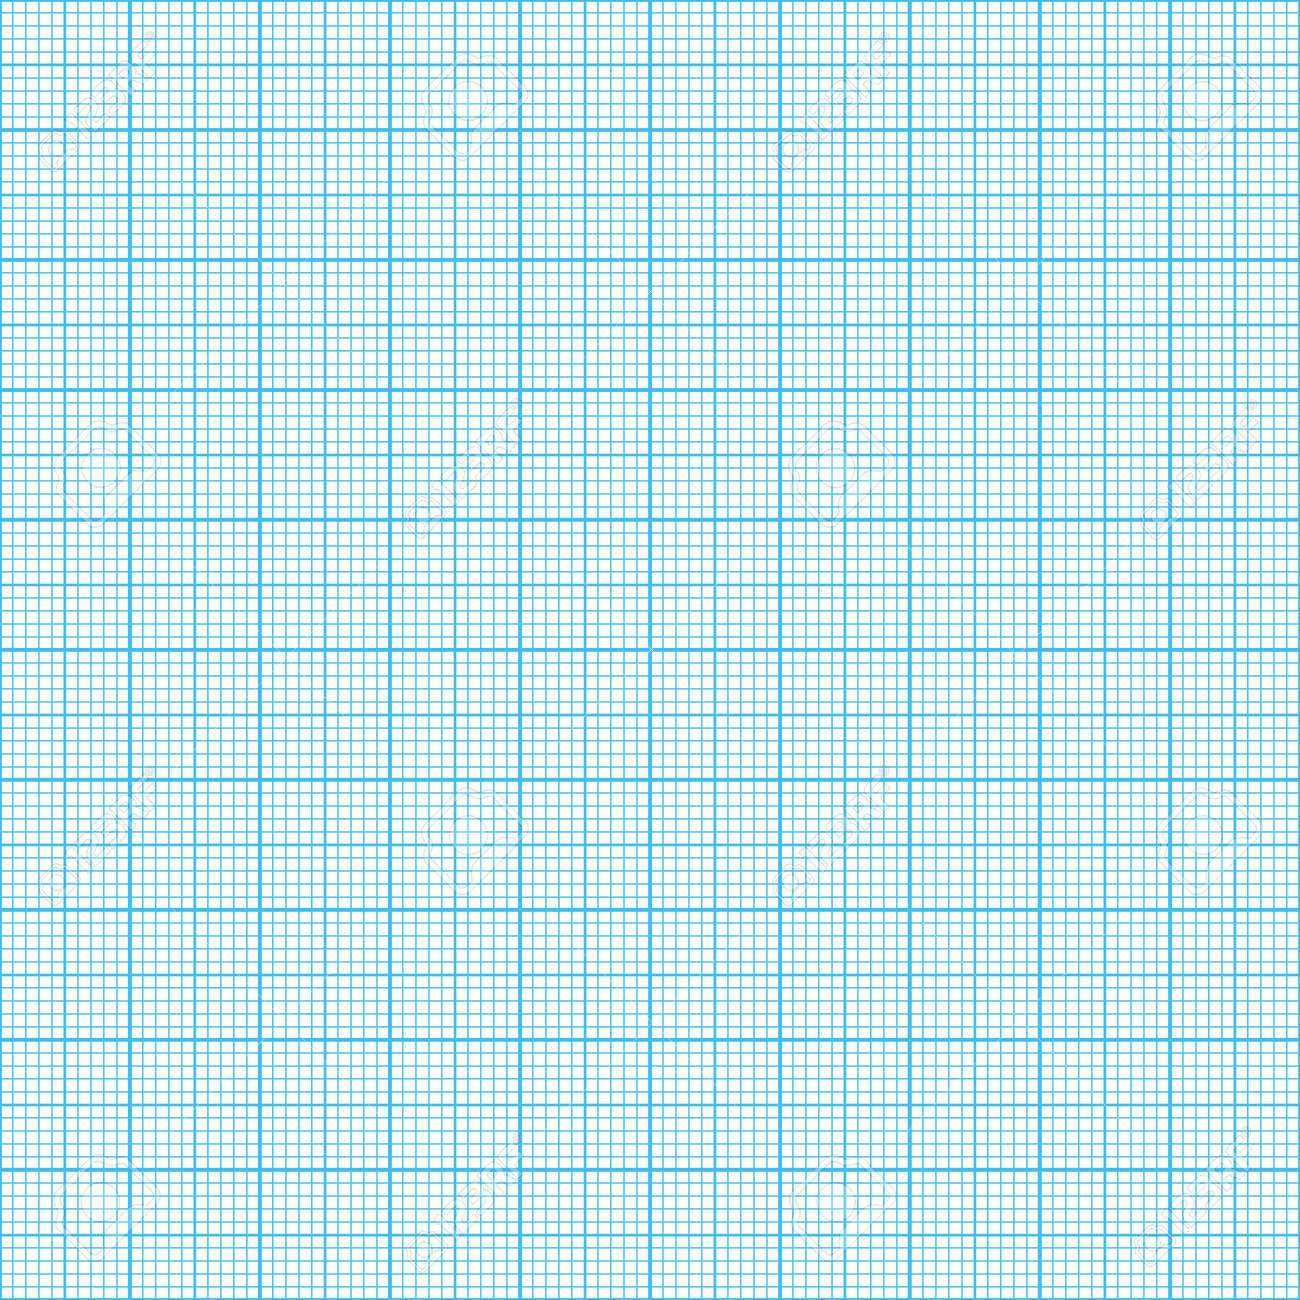 Graphique Papier Millimétré Transparente échelle Réelle